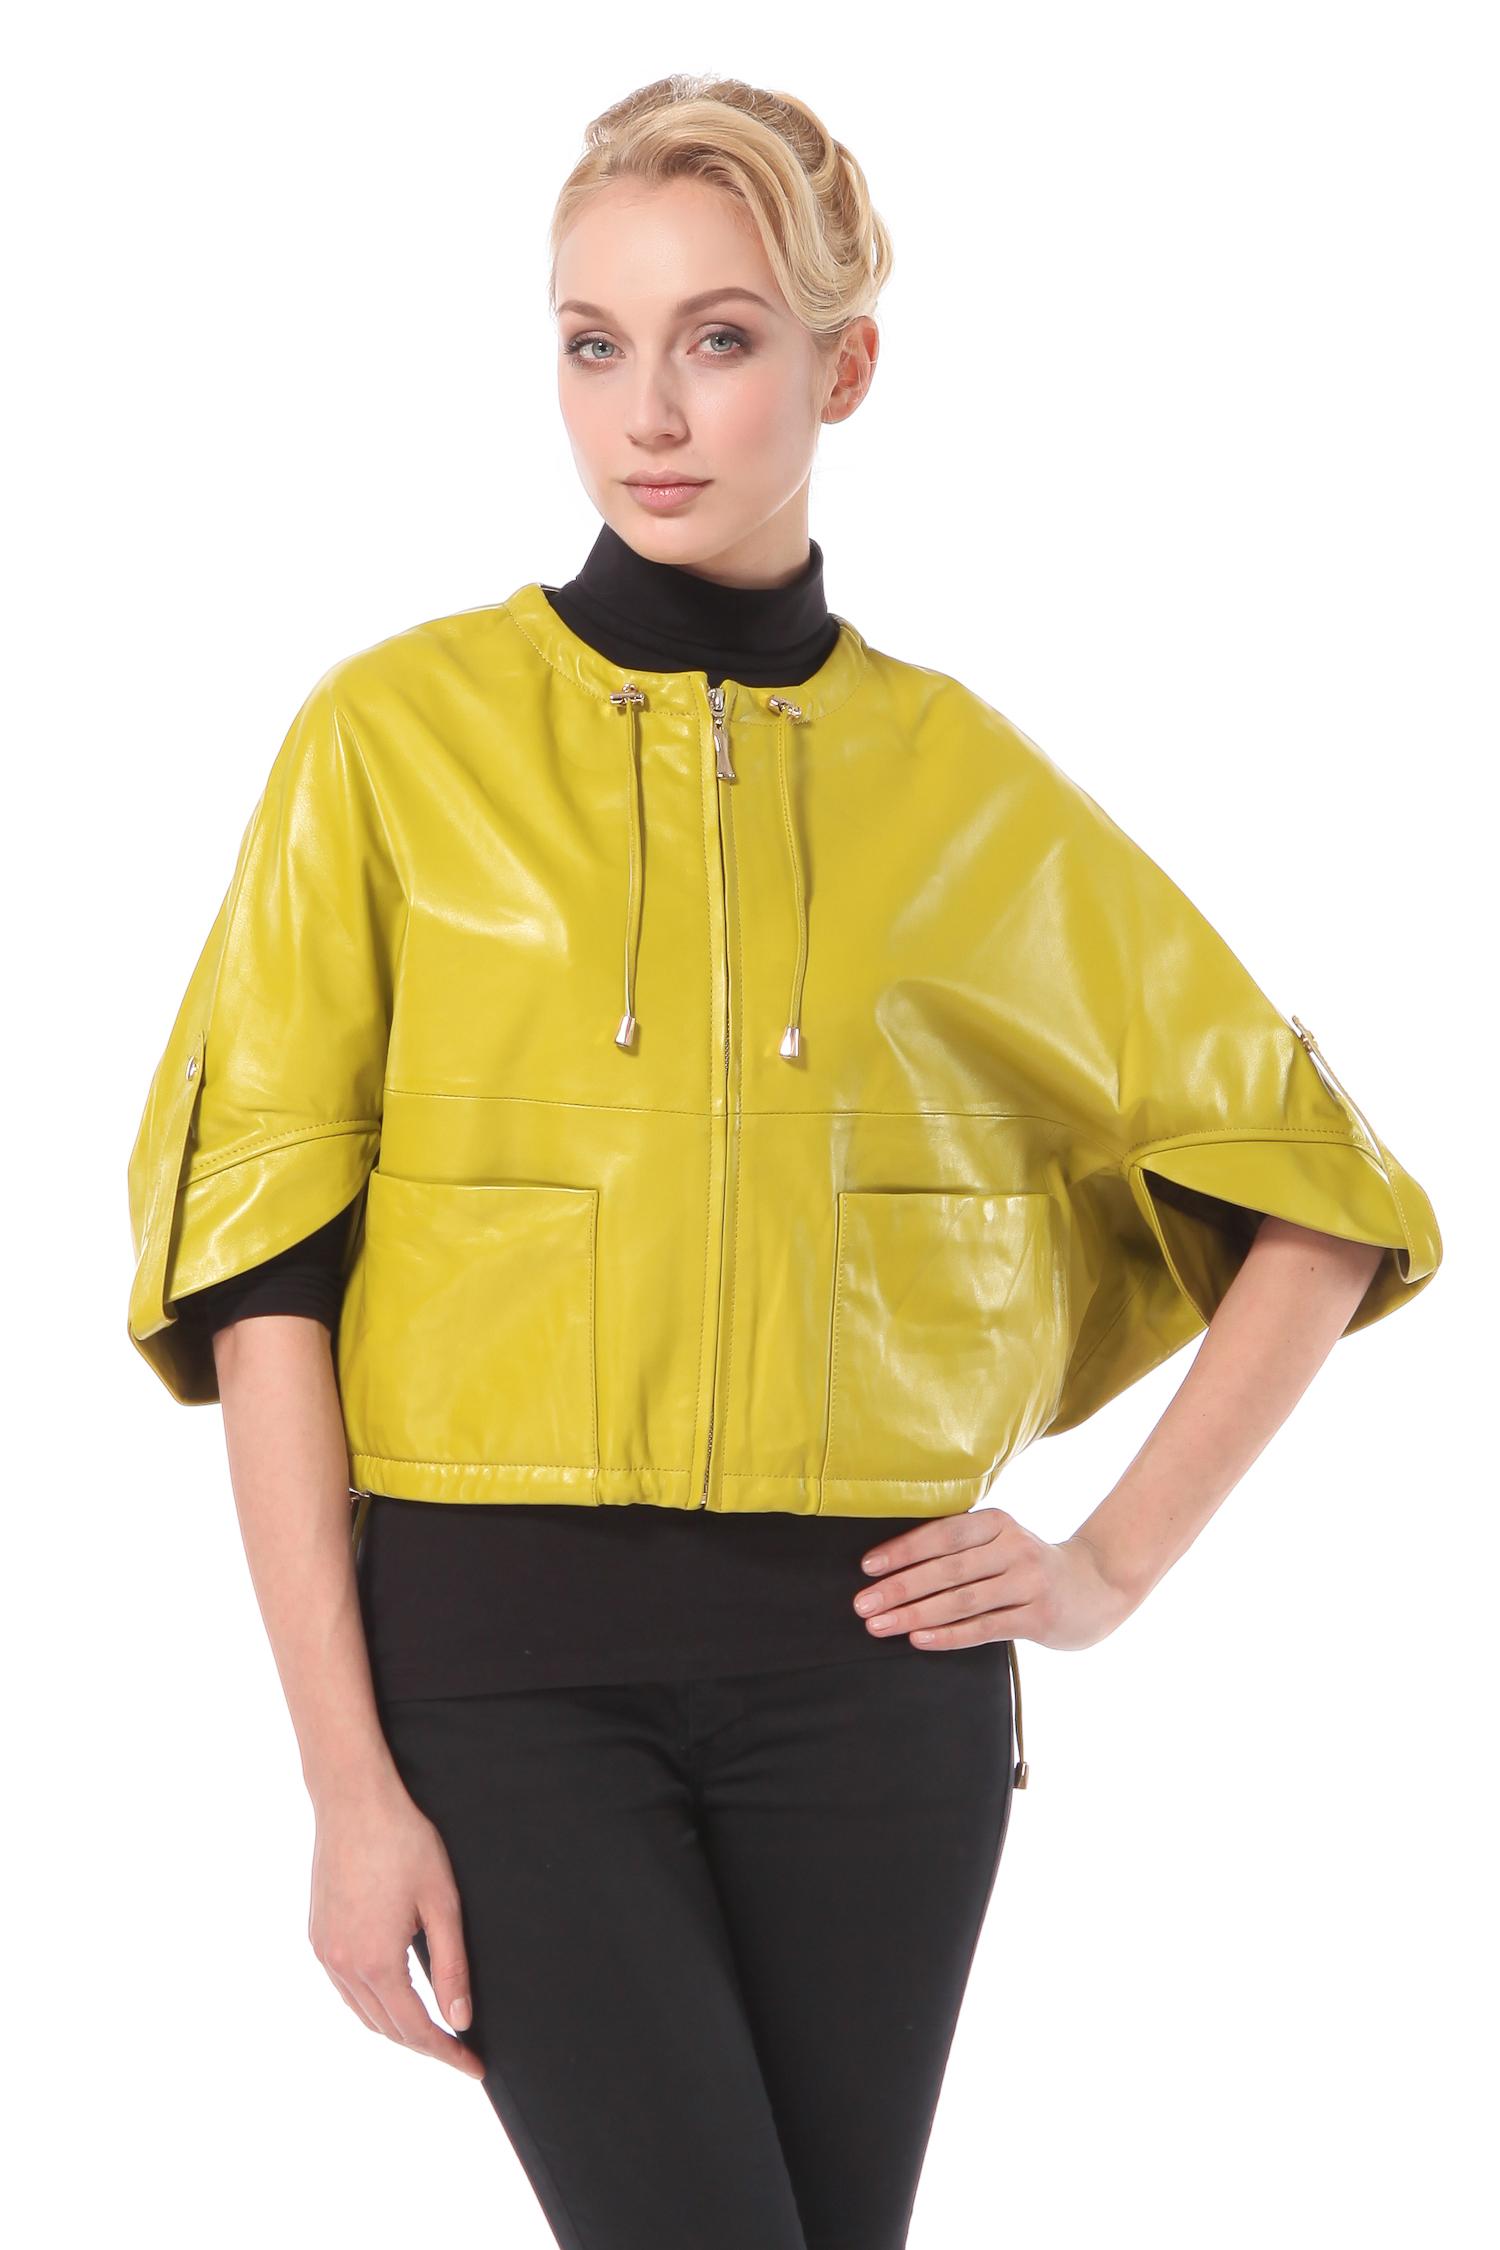 Женская кожаная куртка из натуральной кожи с капюшоном, без отделкиНеобычная женская кожаная куртка для поклонниц стиля casual.<br><br>Объемная по форме и укороченная, выполненная из мягкой кожи отличного качества, эта куртка подчеркнет все Ваши достоинства и украсит весенний гардероб!<br><br>Яркий насыщенный цвет, модные накладные карманы, застежка молния и декоративная кулиска на горловине - для тех, кто ценит интересный дизайн и комфорт!<br><br>Воротник: капюшон<br>Длина см: Короткая (51-74 )<br>Материал: Кожа овчина<br>Цвет: зеленый<br>Пол: Женский<br>Размер RU: 46